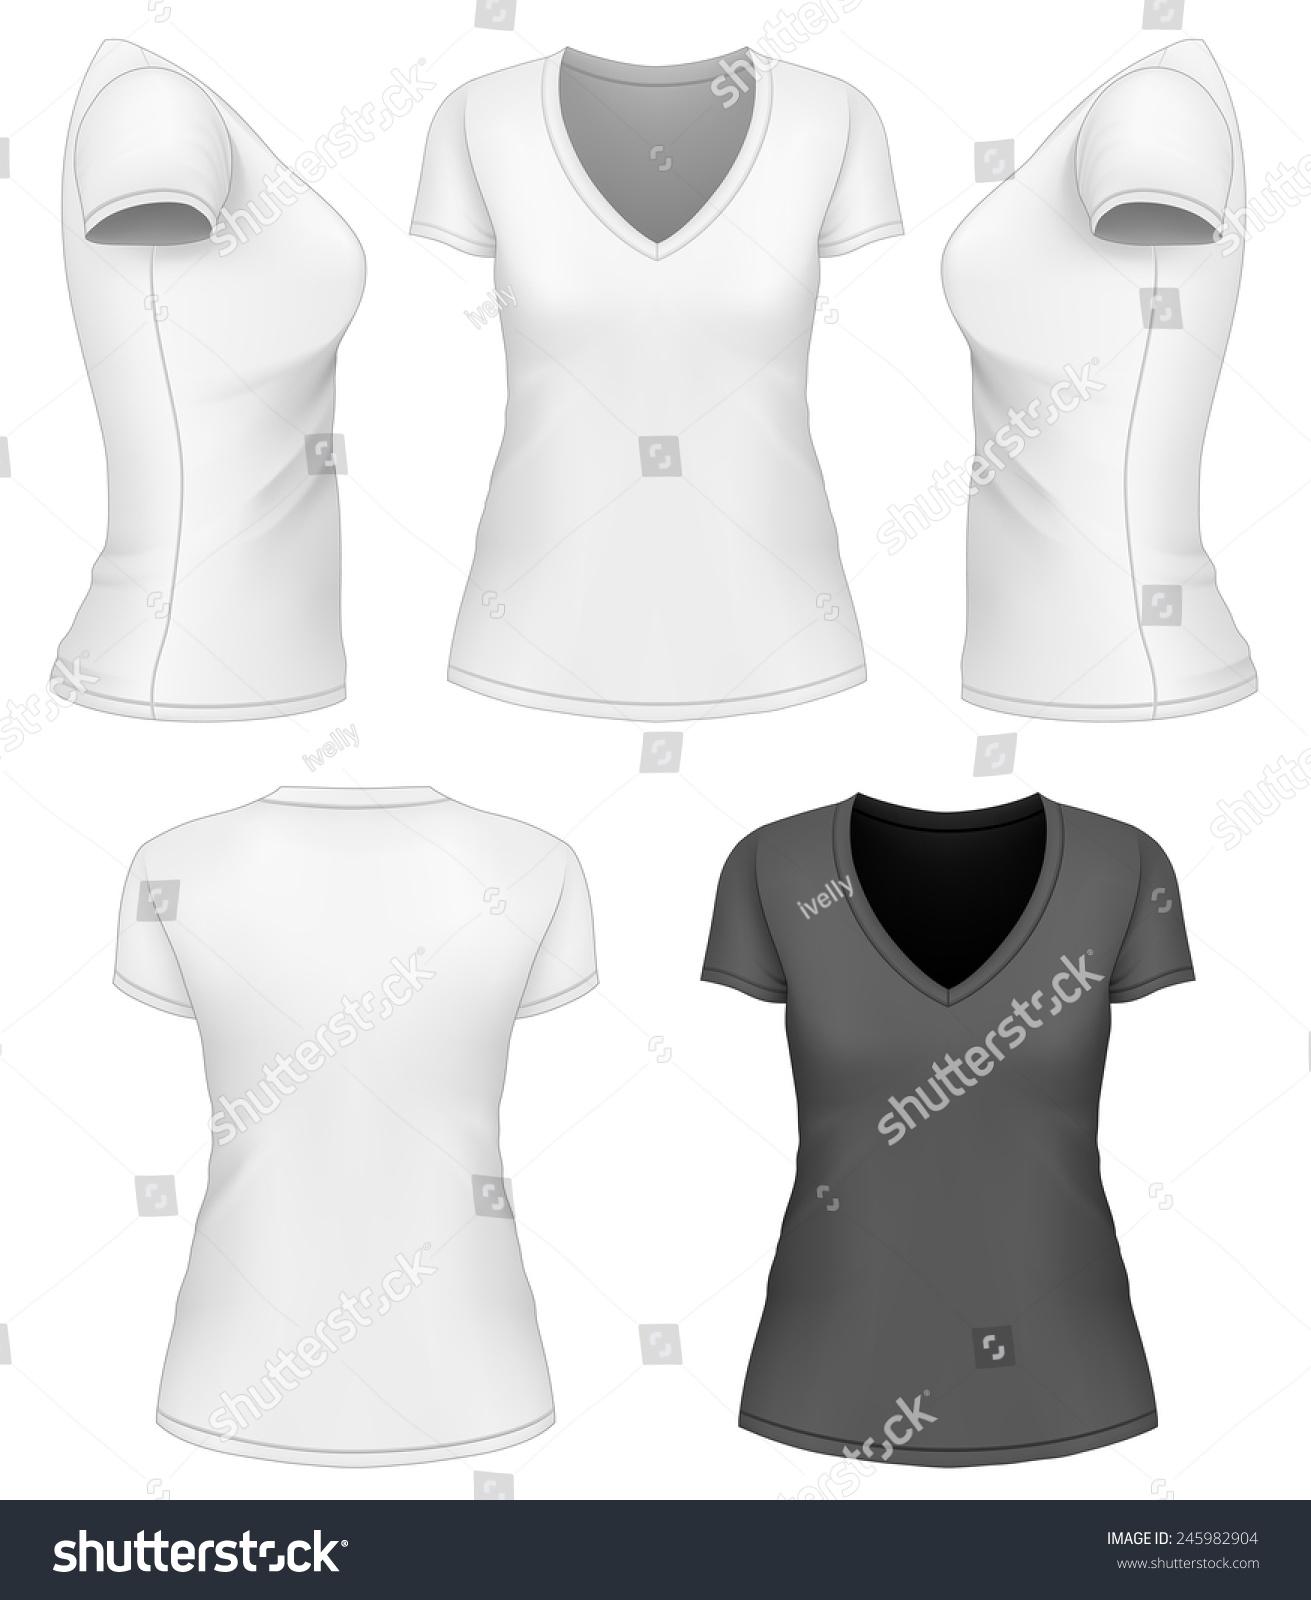 Design shirt v neck - Women S V Neck T Shirt Design Template Vector Illustration